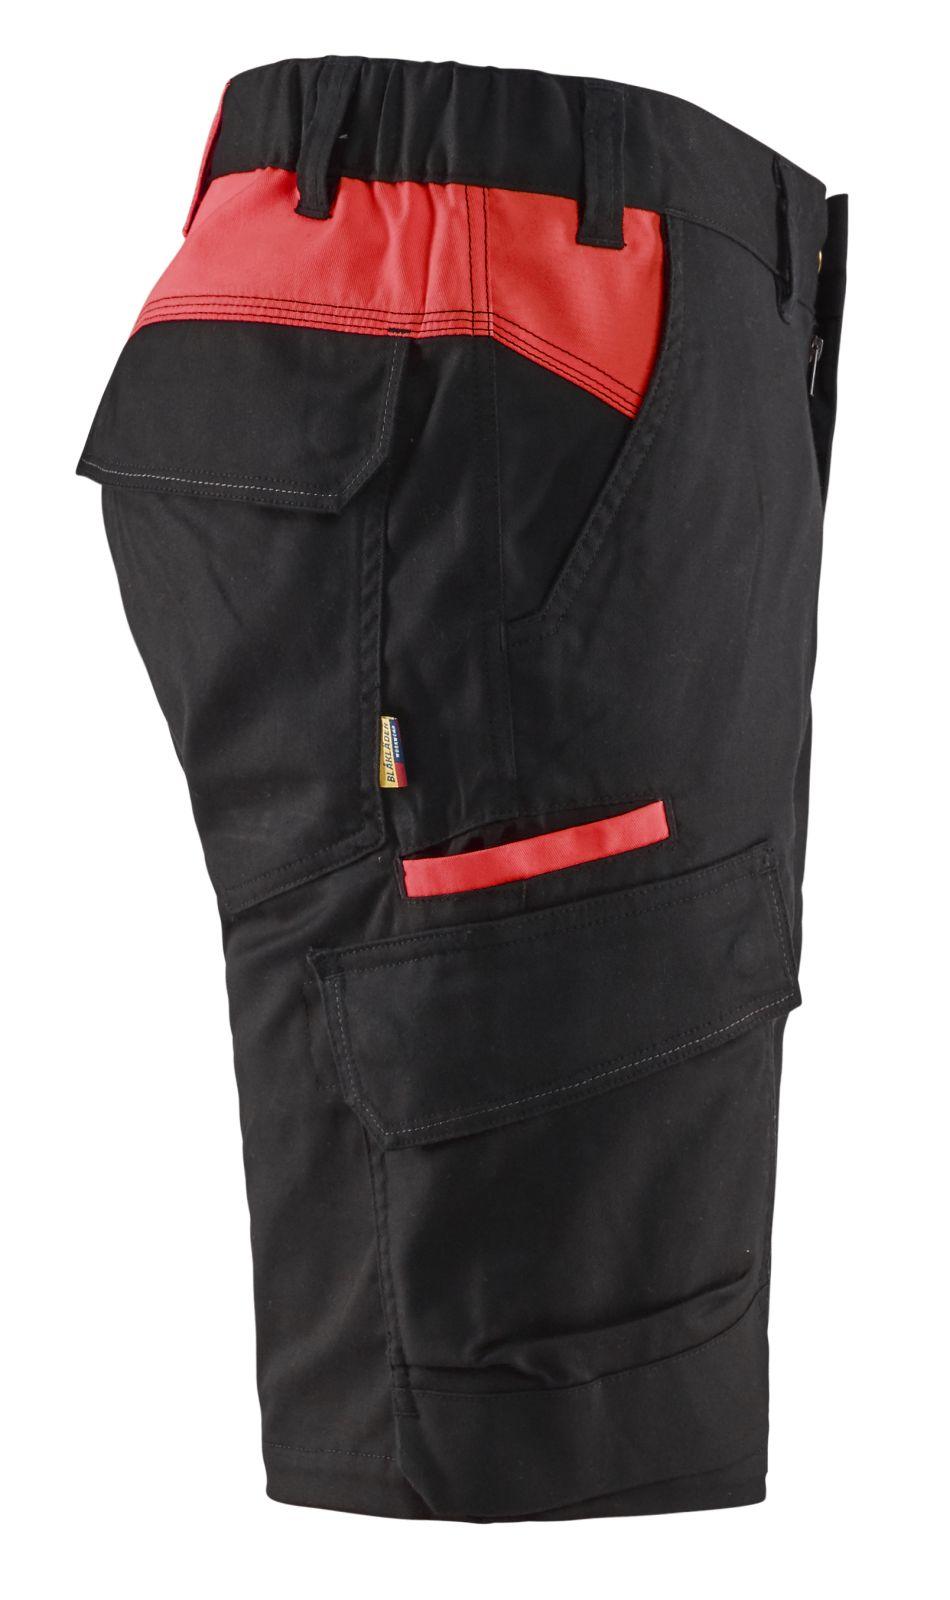 Blaklader Broeken 14461832 zwart-rood(9956)